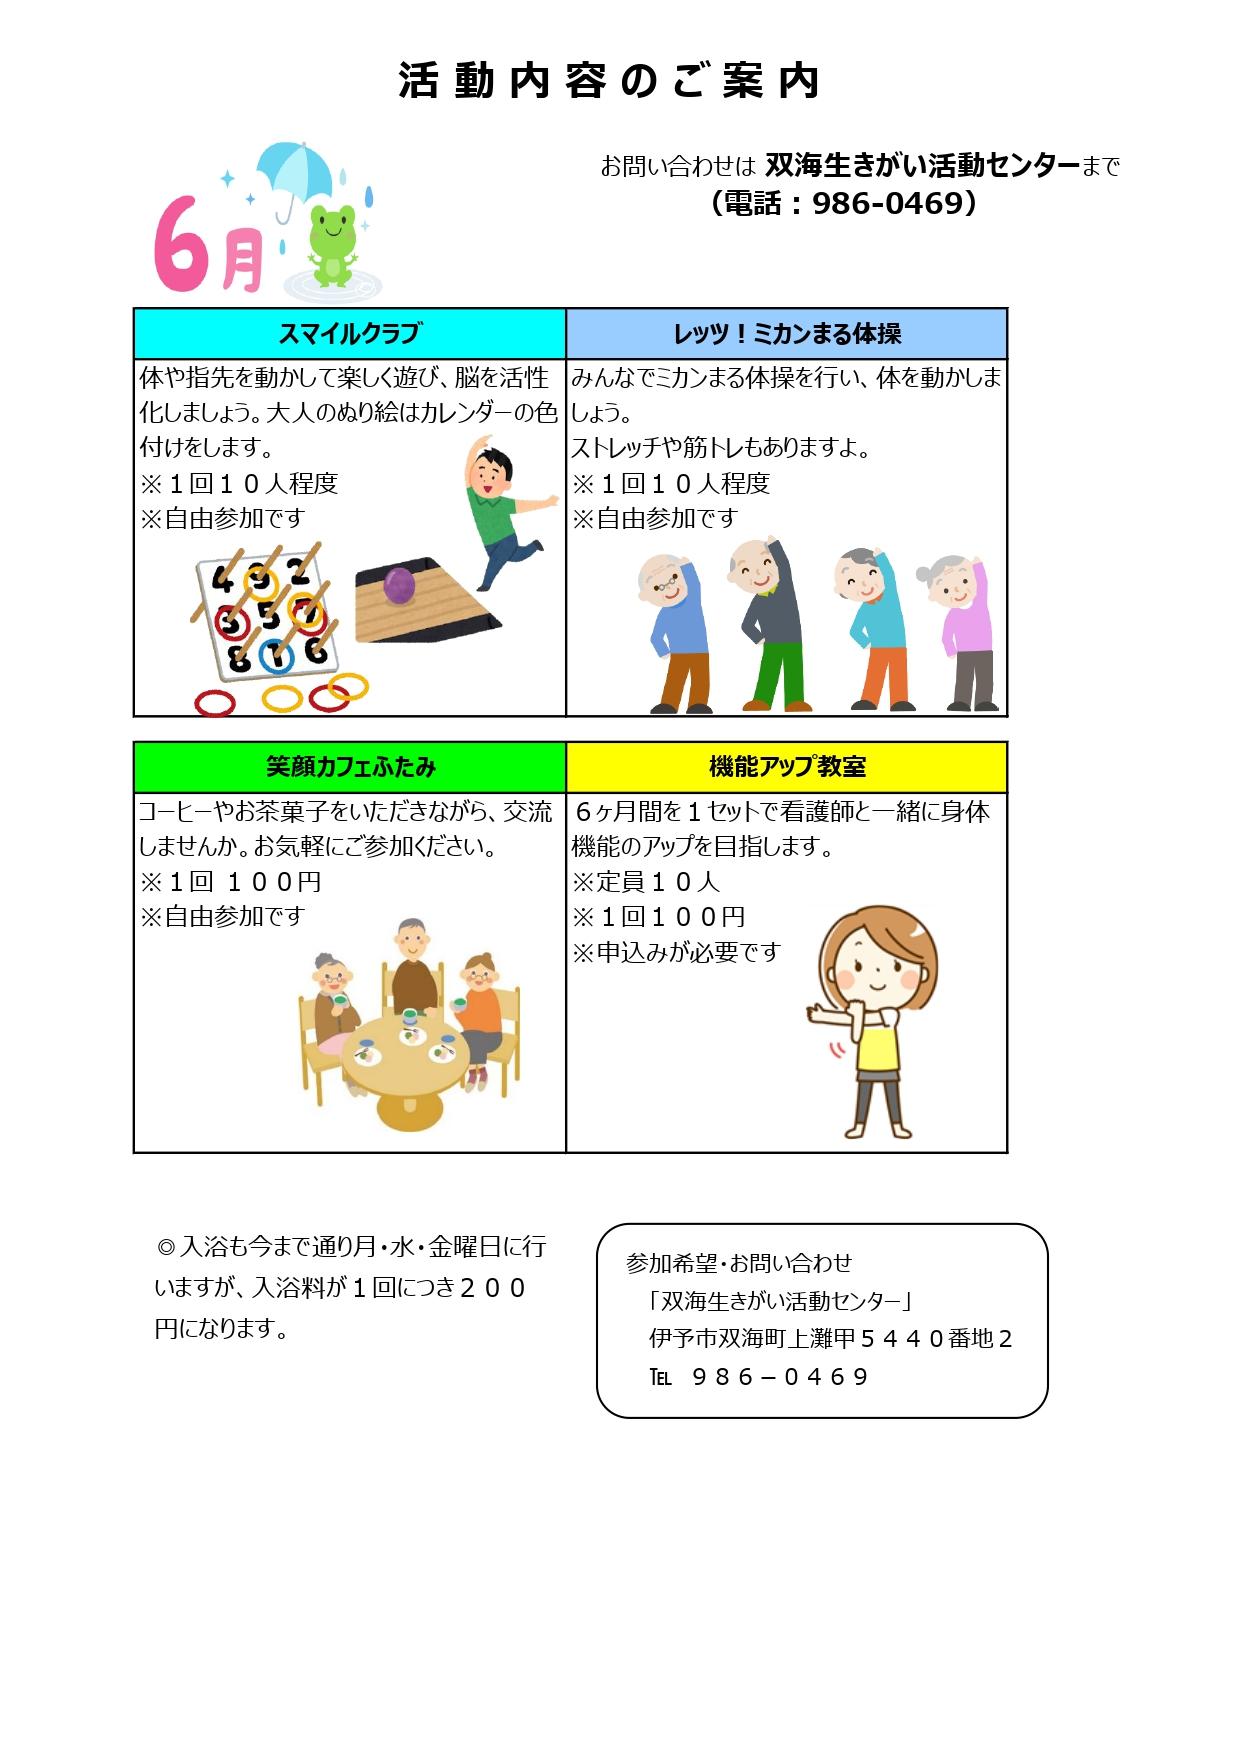 双海両面_page-0002